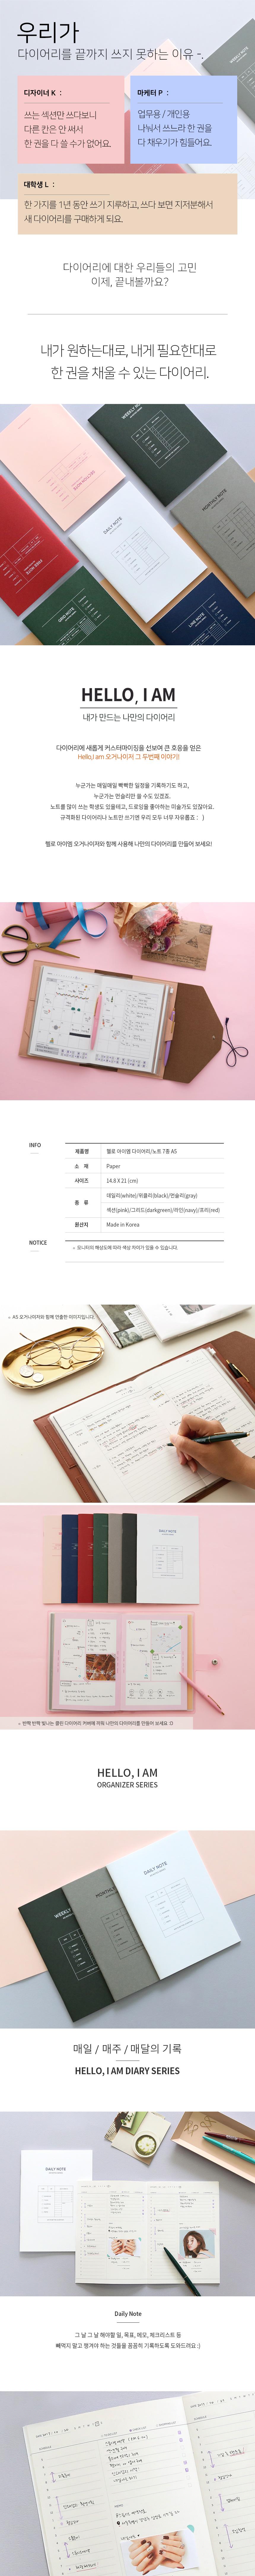 Hello, I am 내지노트 7종 -A5 - 퍼니메이드, 3,000원, 만년형, 심플/베이직